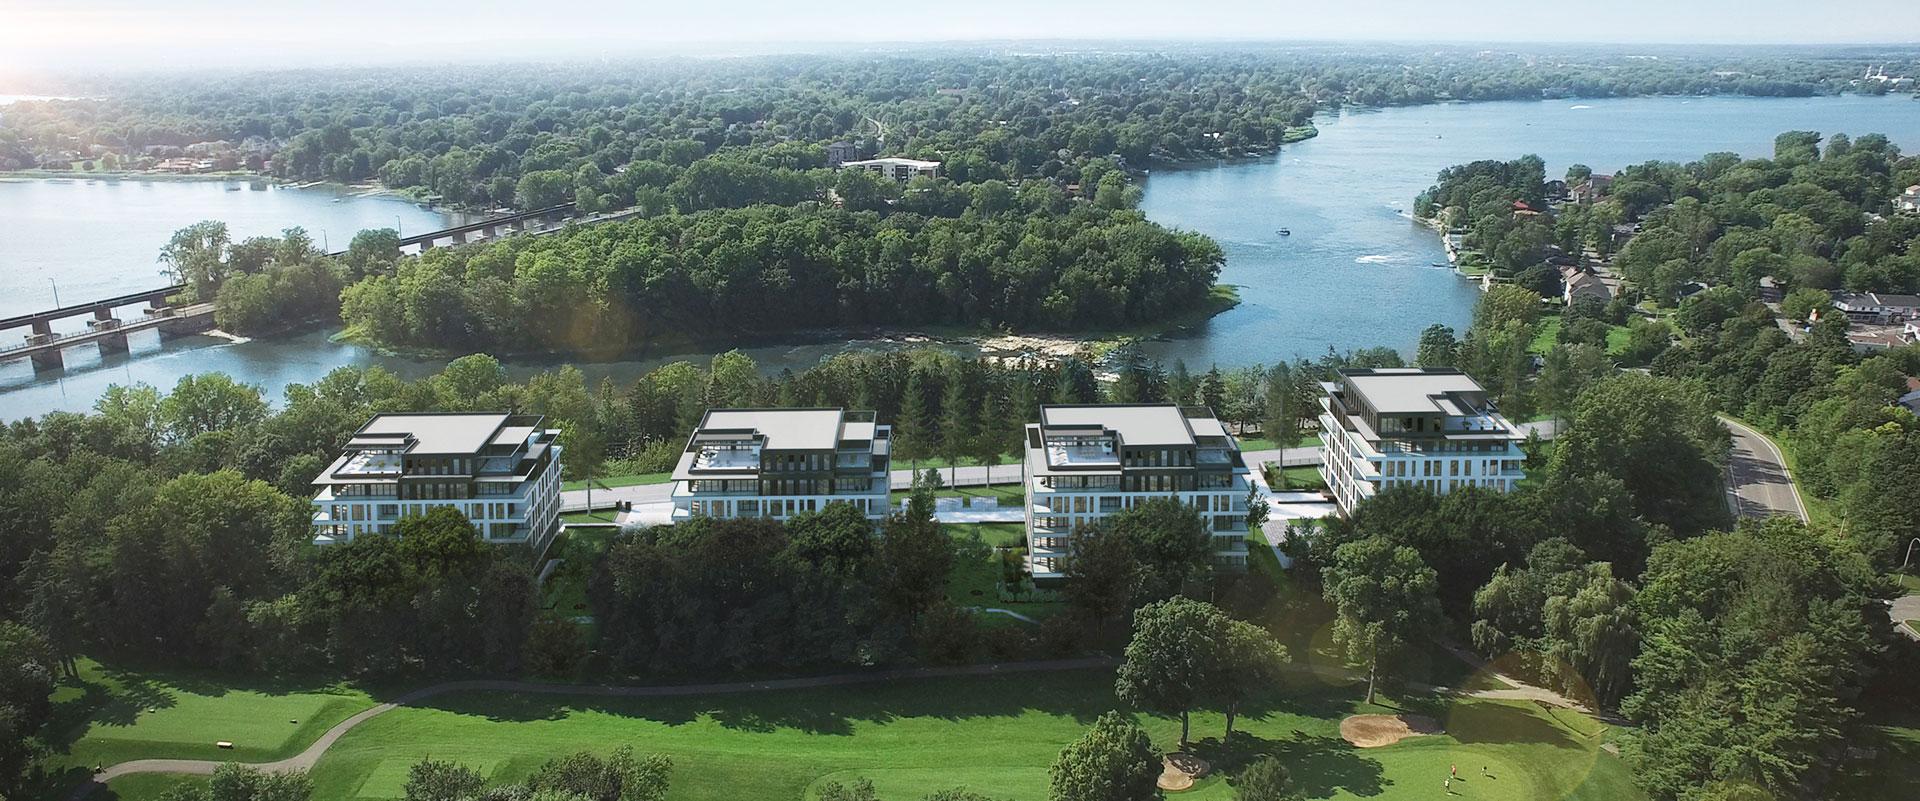 cim-signature-Projet-immobilier-Laval-sur-le-Lac